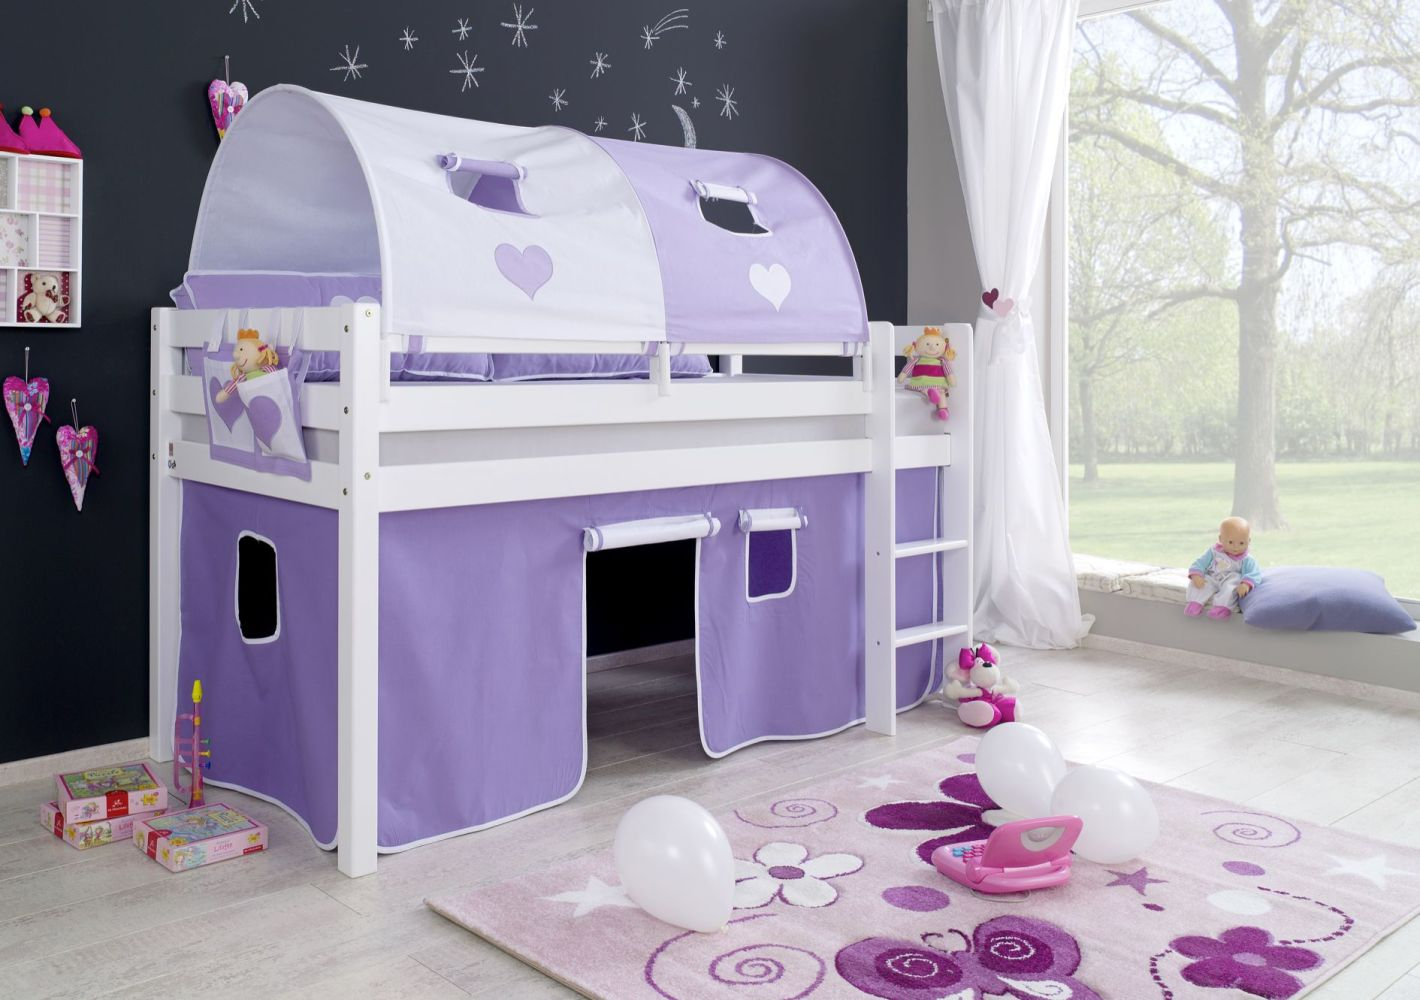 Relita Halbhohes Spielbett ALEX Buche massiv weiß lackiert mit Stoffset Vorhang, 2-er Tunnel und Tasche Bild 1